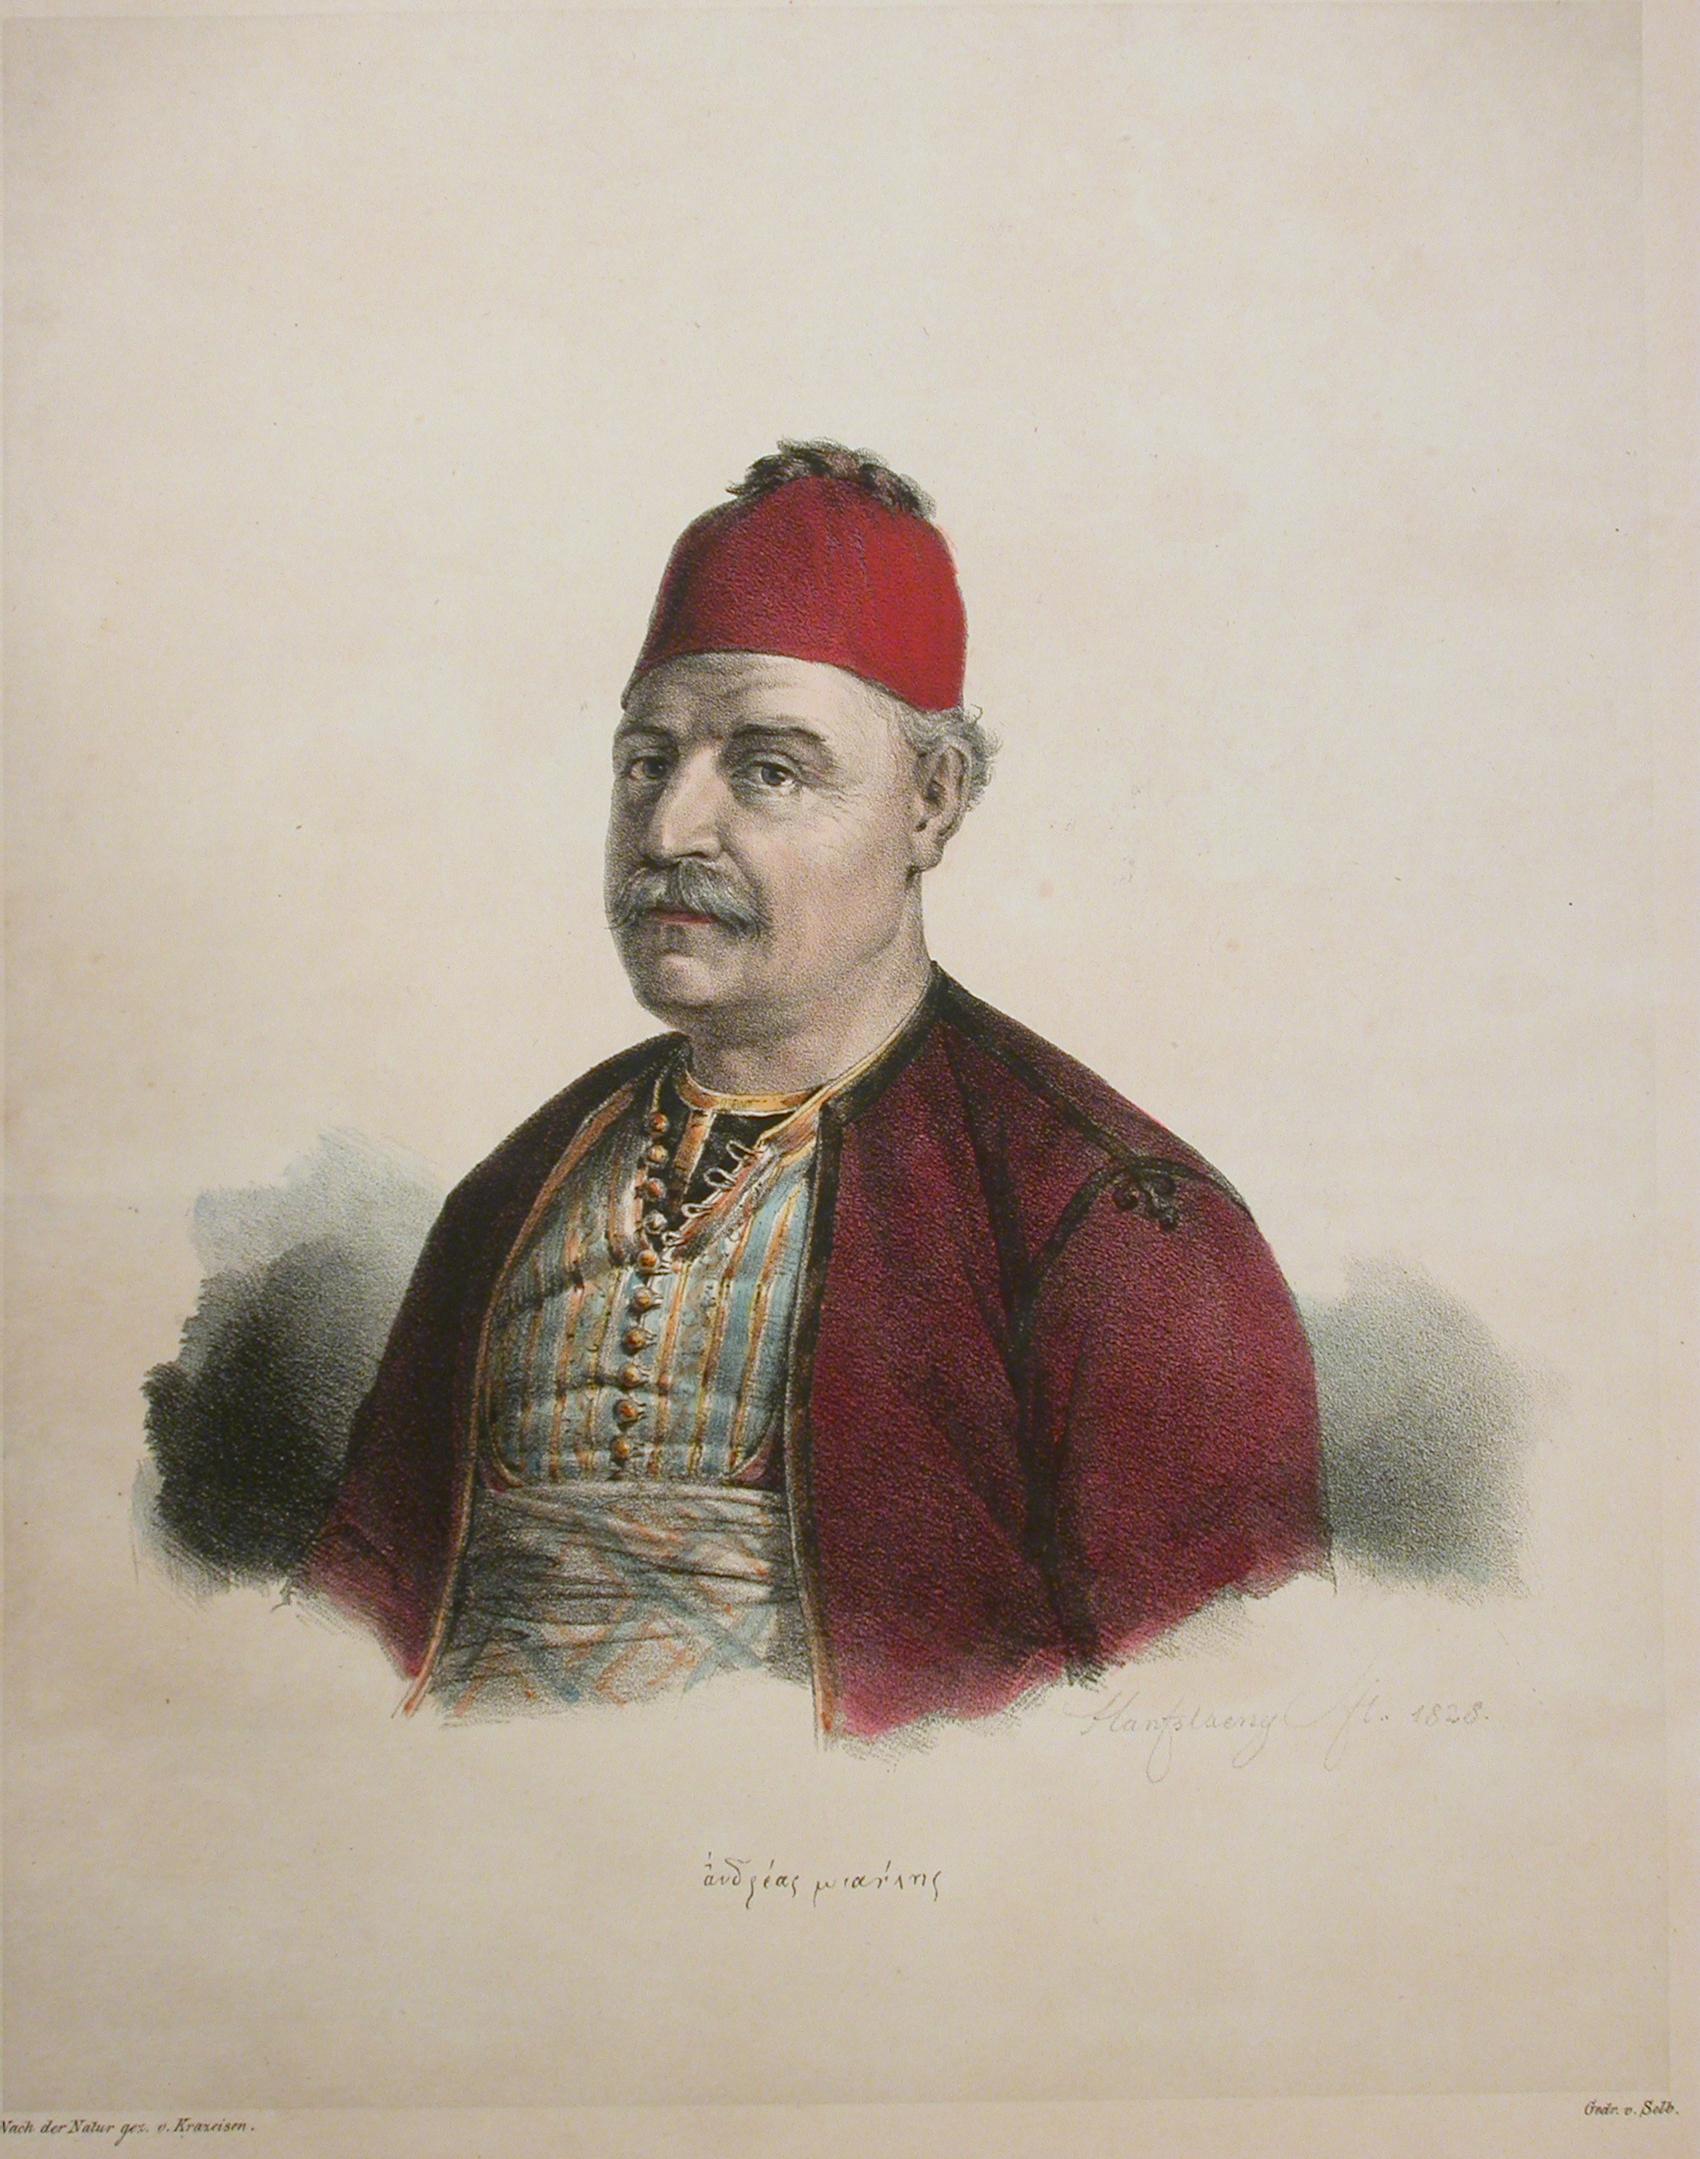 oi-zografoi-poy-ezisan-apo-konta-tin-epanastasi-kai-eftiaxan-ta-portreta-ton-agoniston-toy-1821-eikones3